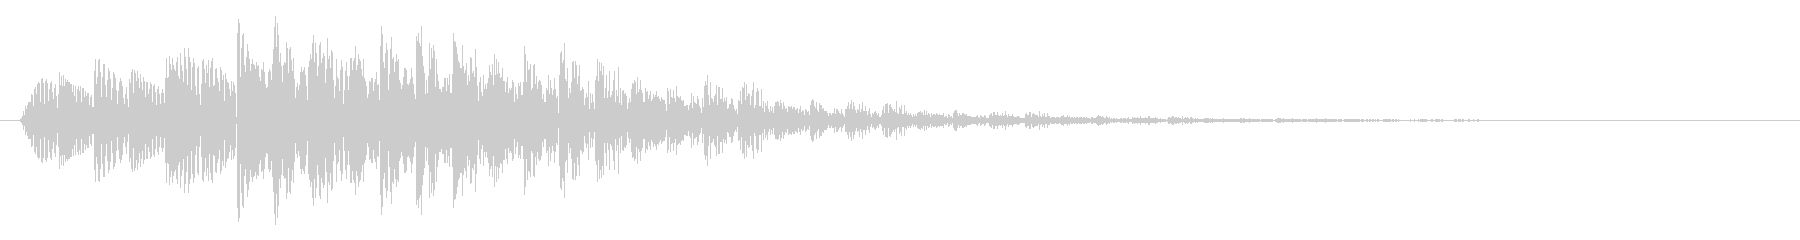 テロップ/下降/場面転換の未再生の波形